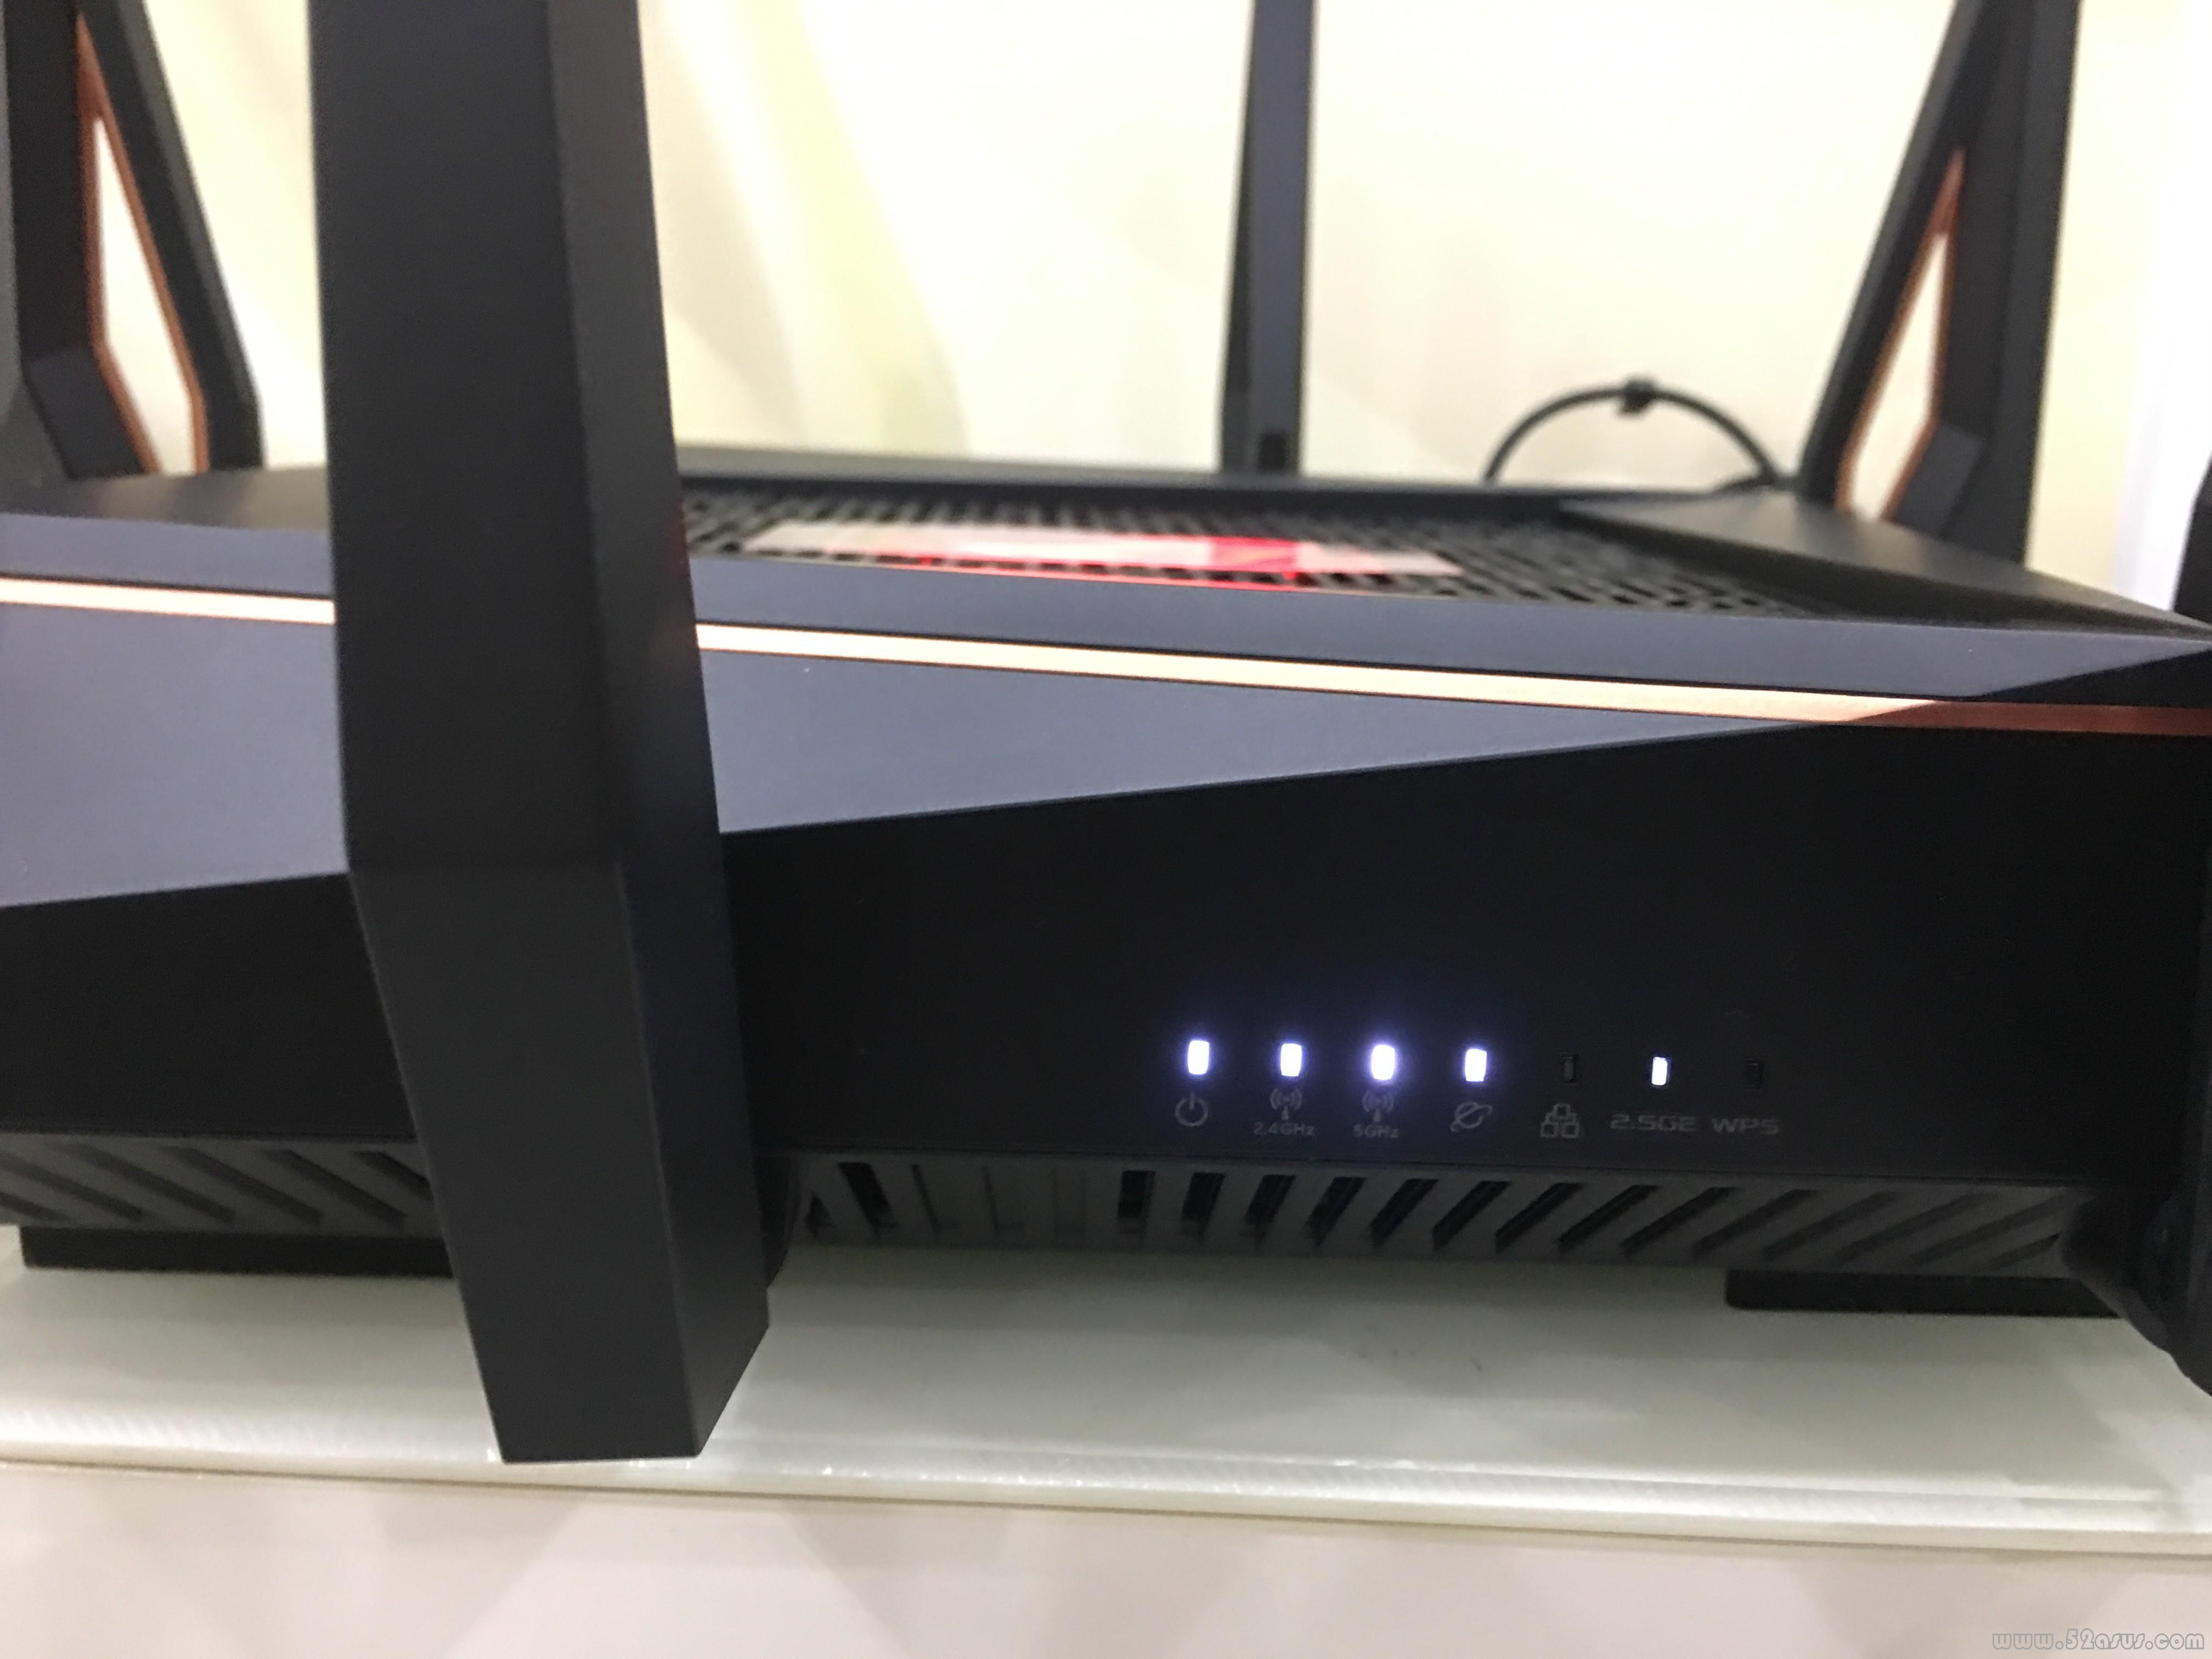 速速围观,全网首个随手拆GT-AX11000的出现了